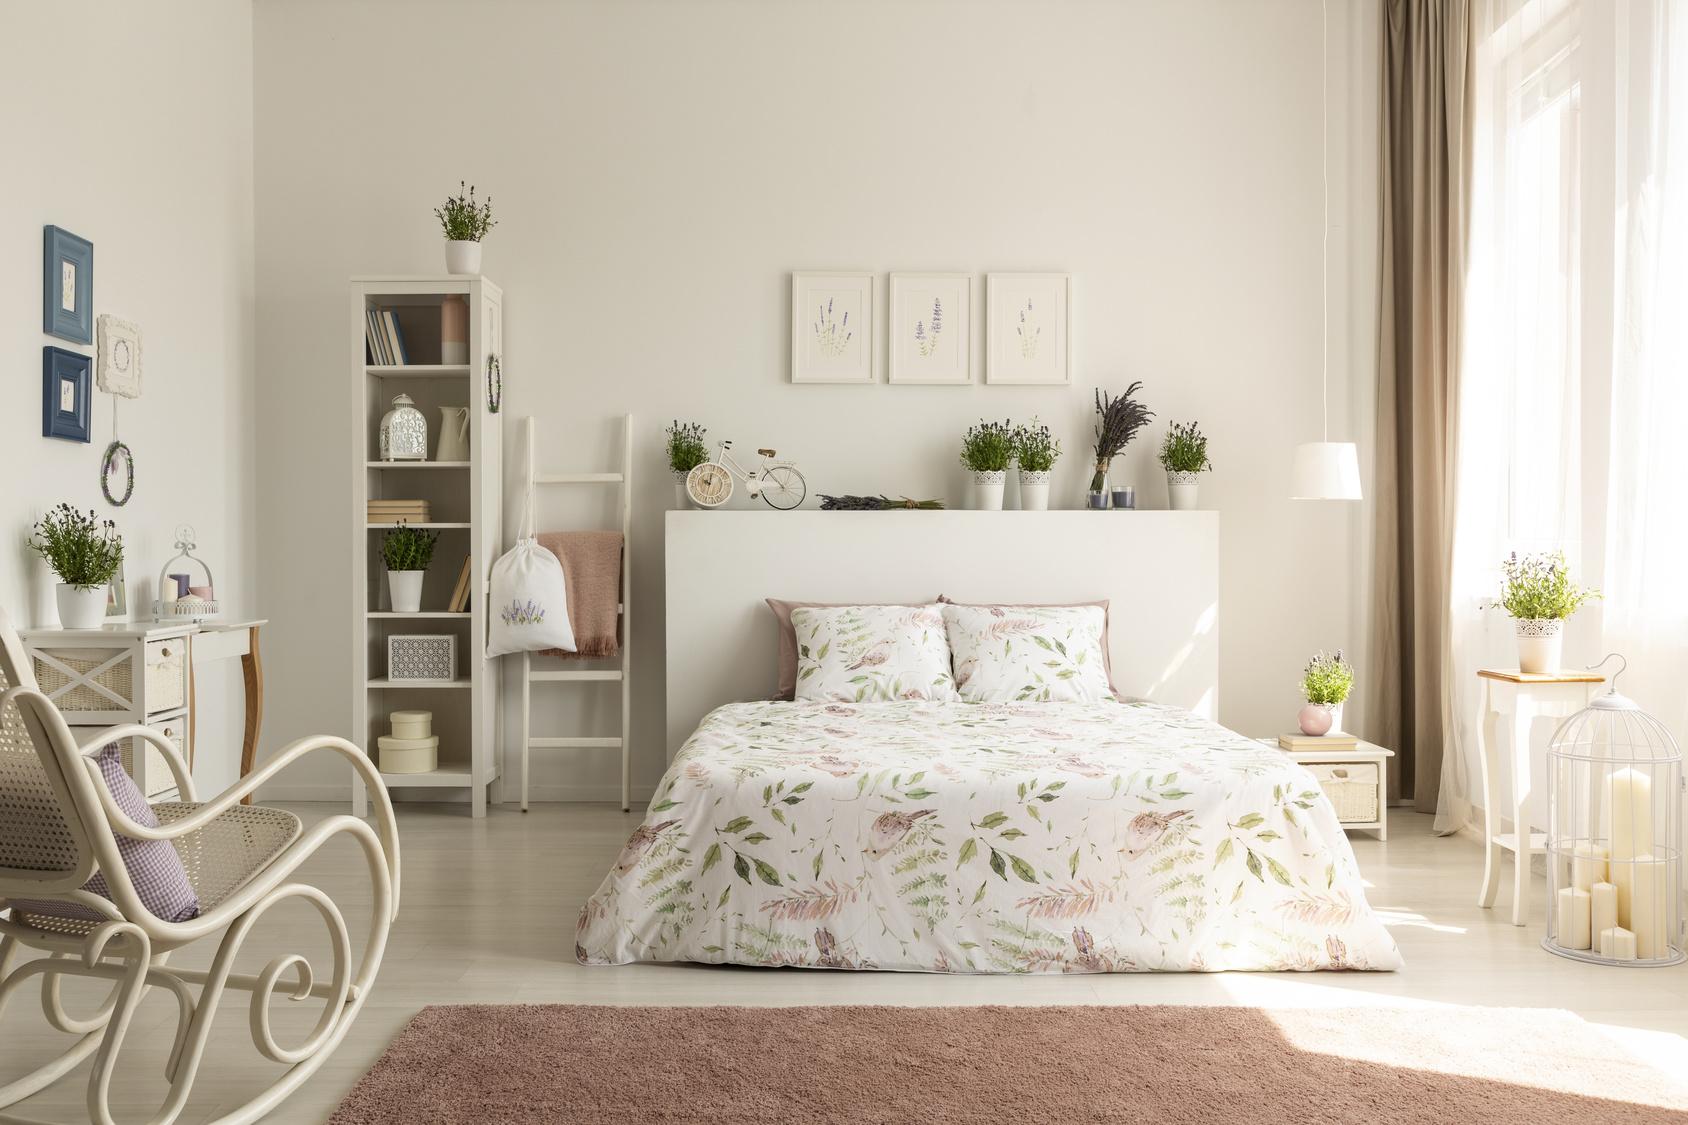 Sypialnia inspirowana Prowansją